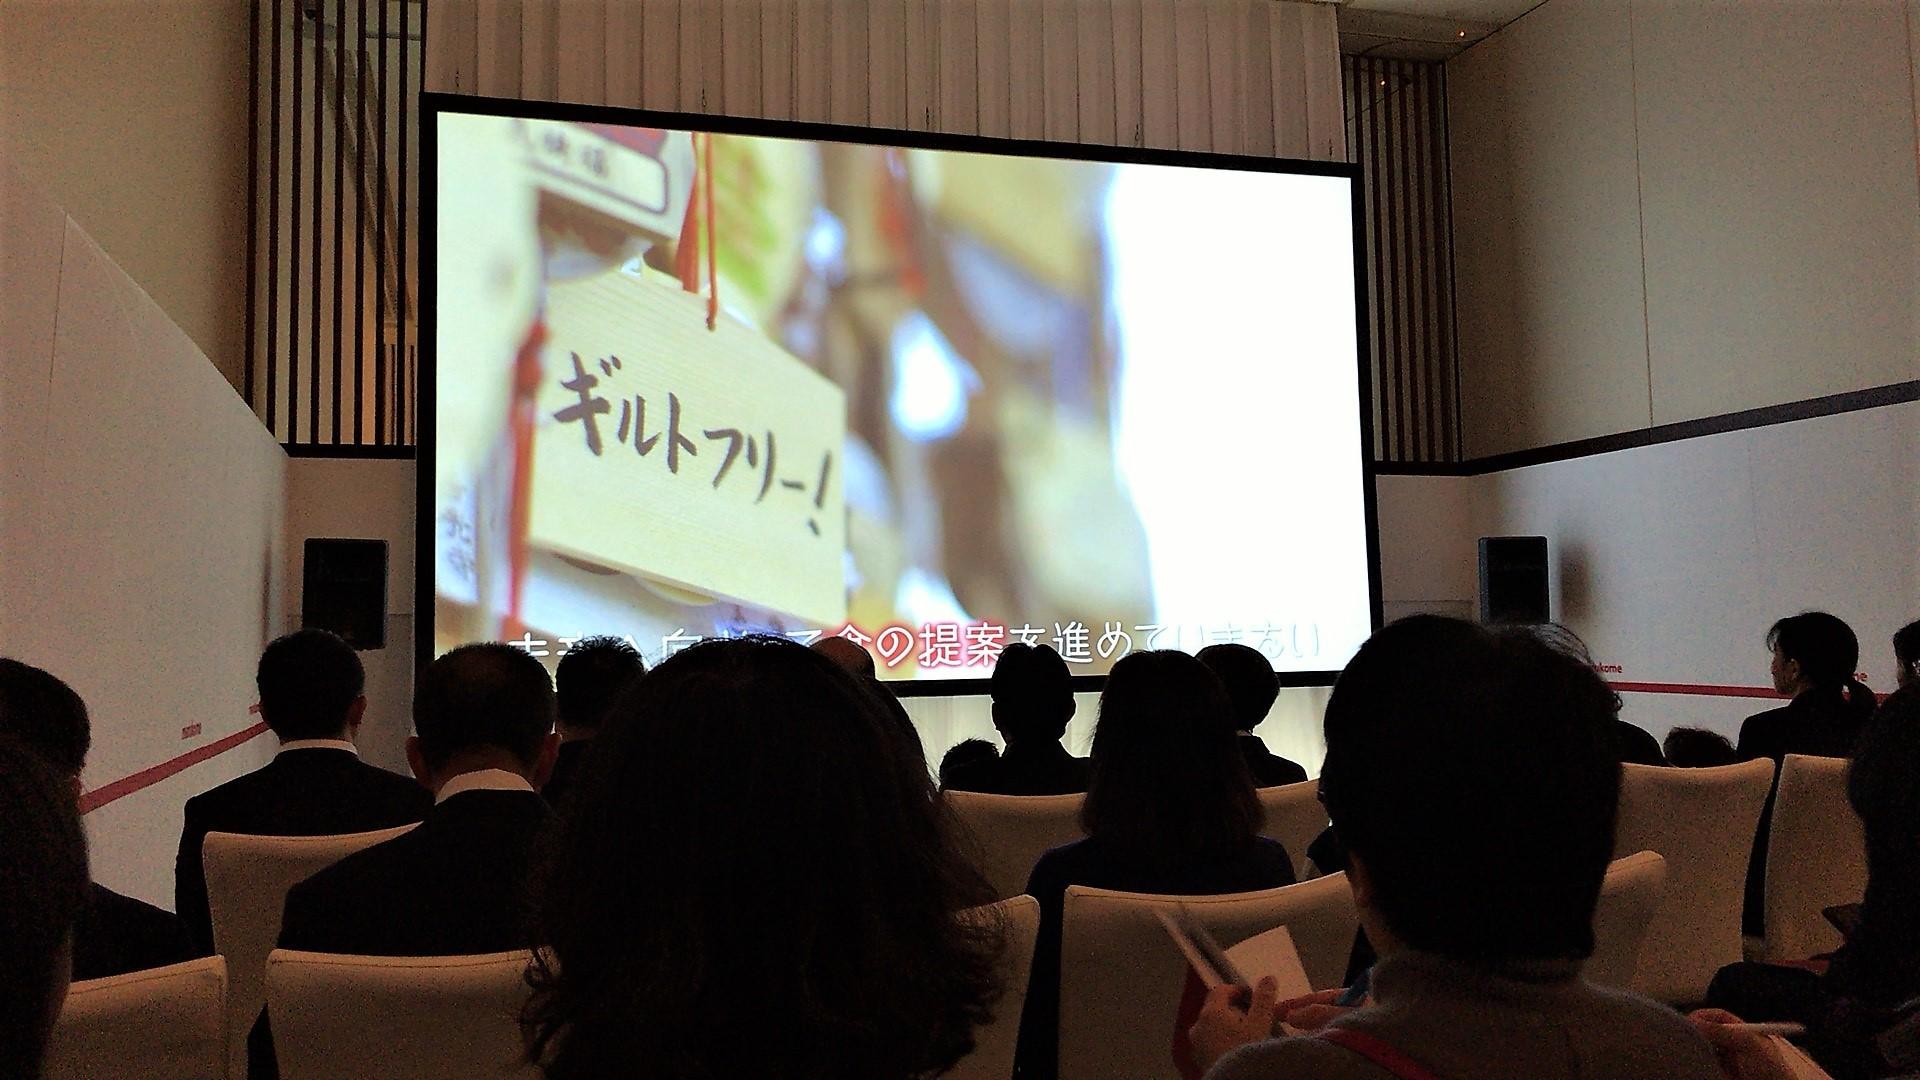 マルコメ新商品発表会_a0158527_15015101.jpg